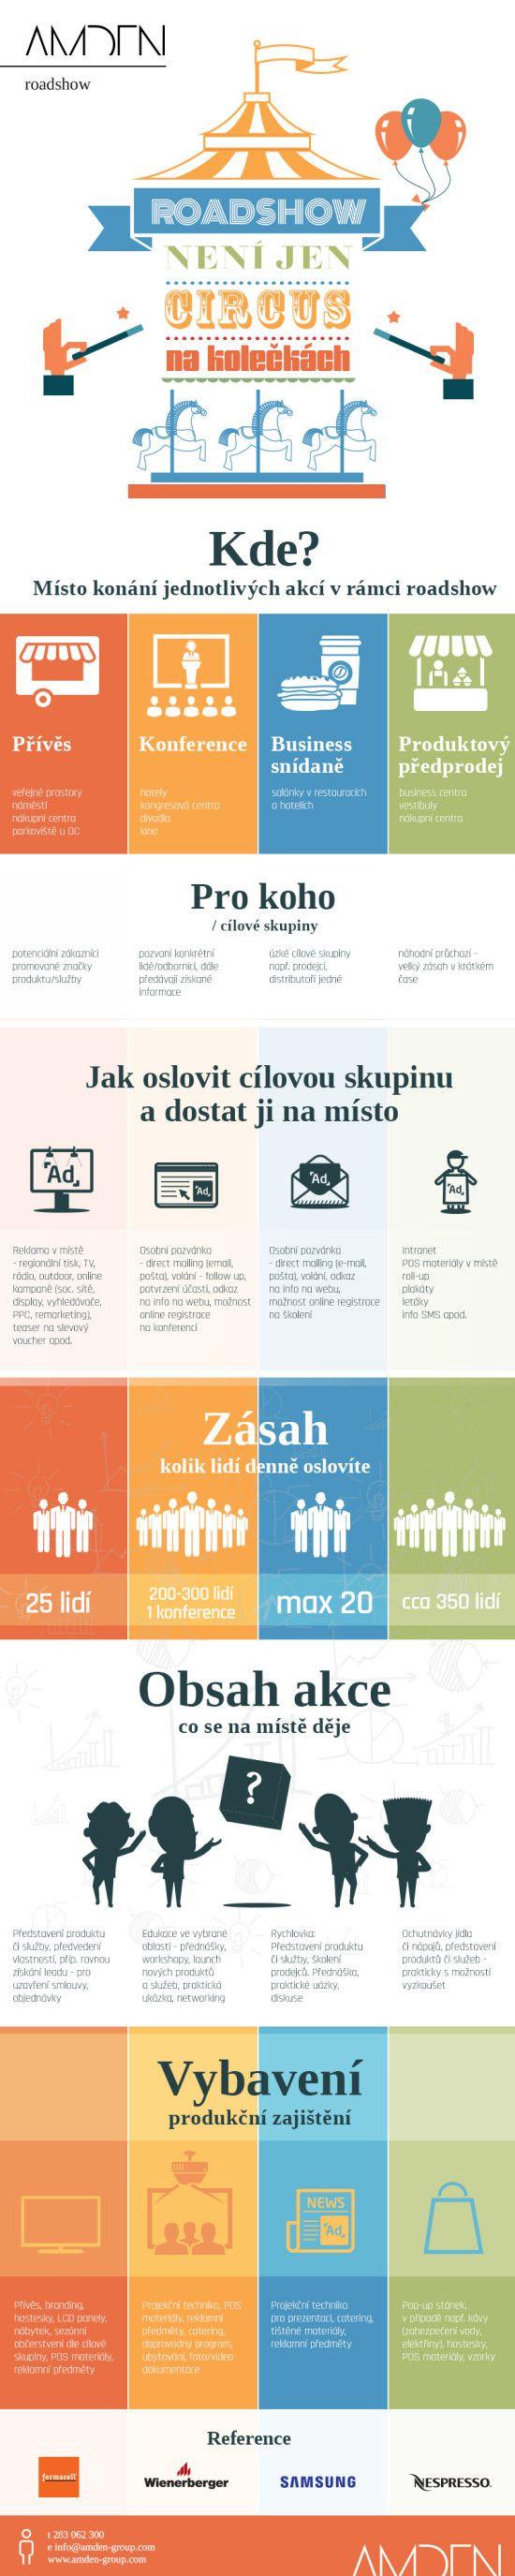 Roadshow je zejména v létě pro event marketing jako stvořená – Infografika | ČeskéInfografiky.cz